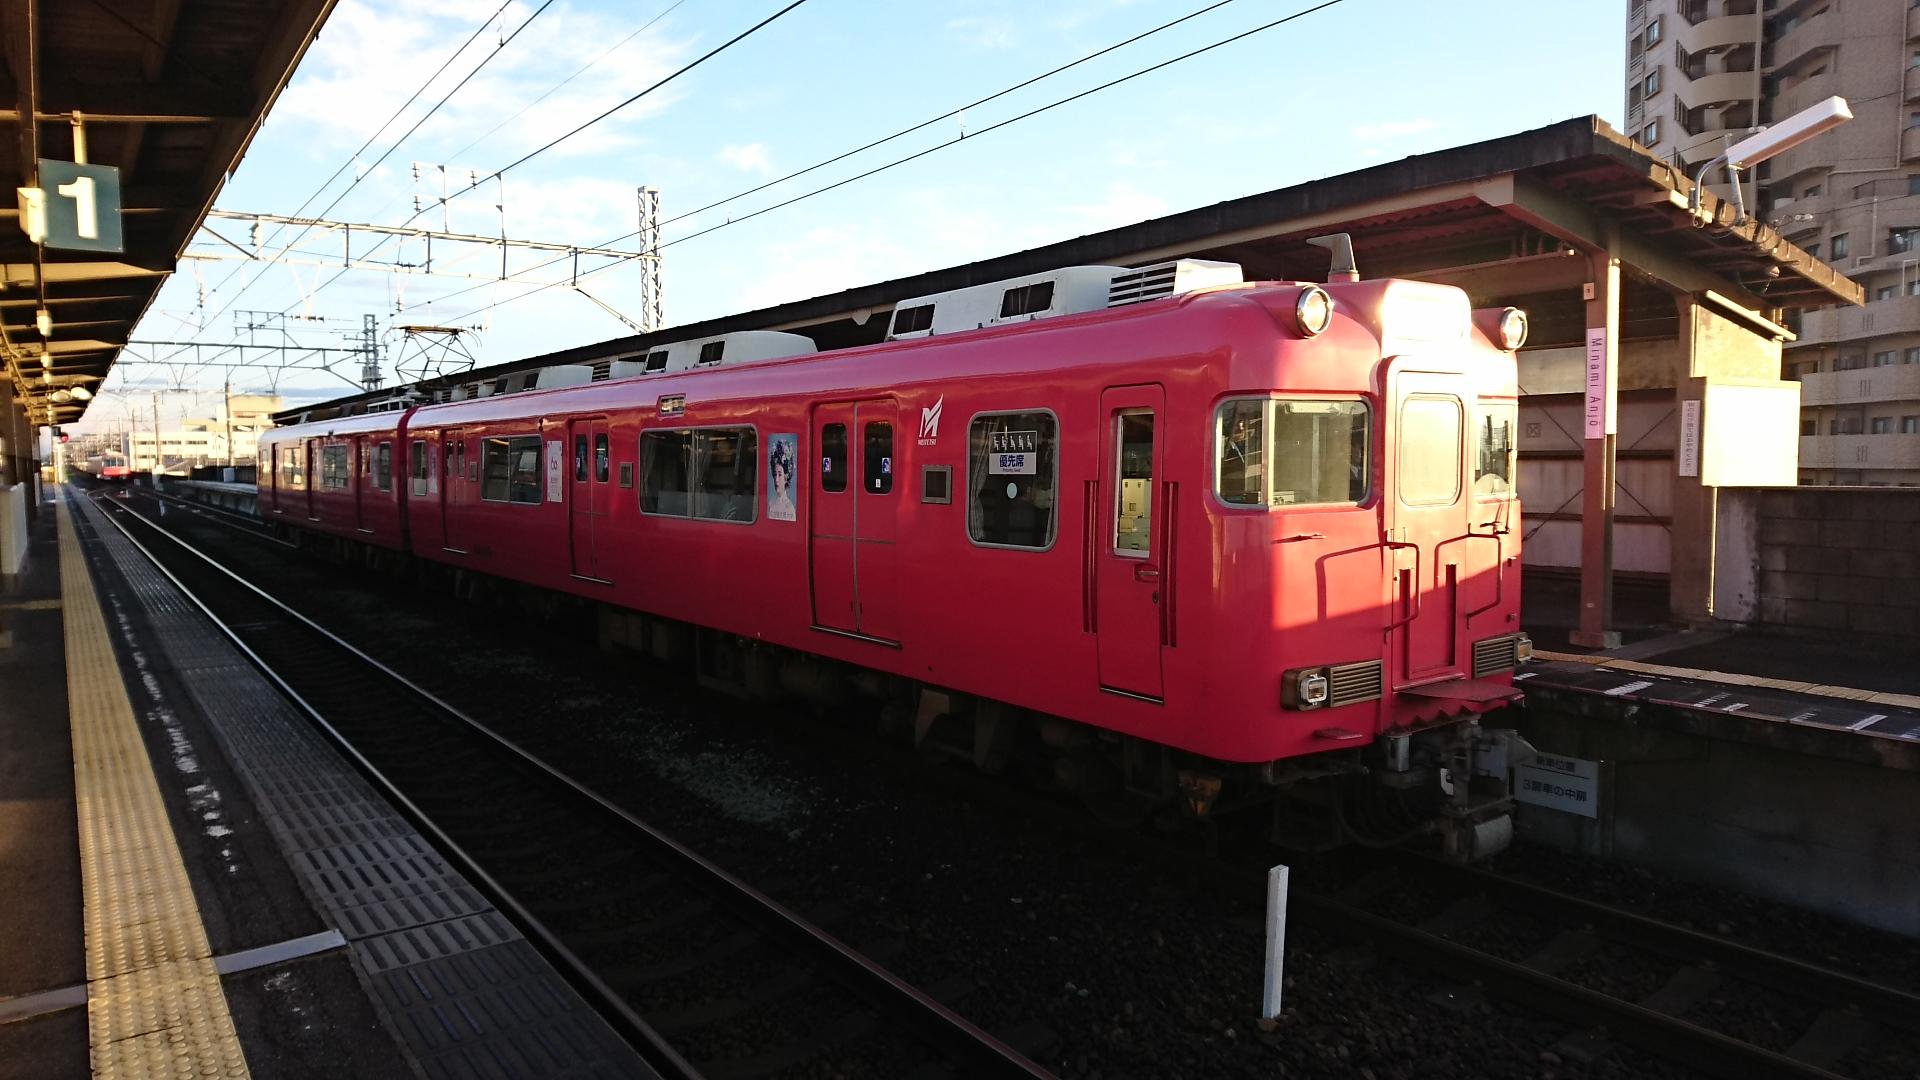 2016.12.14 みなみあんじょう (4) 西尾いきふつう(6010)1920-1080